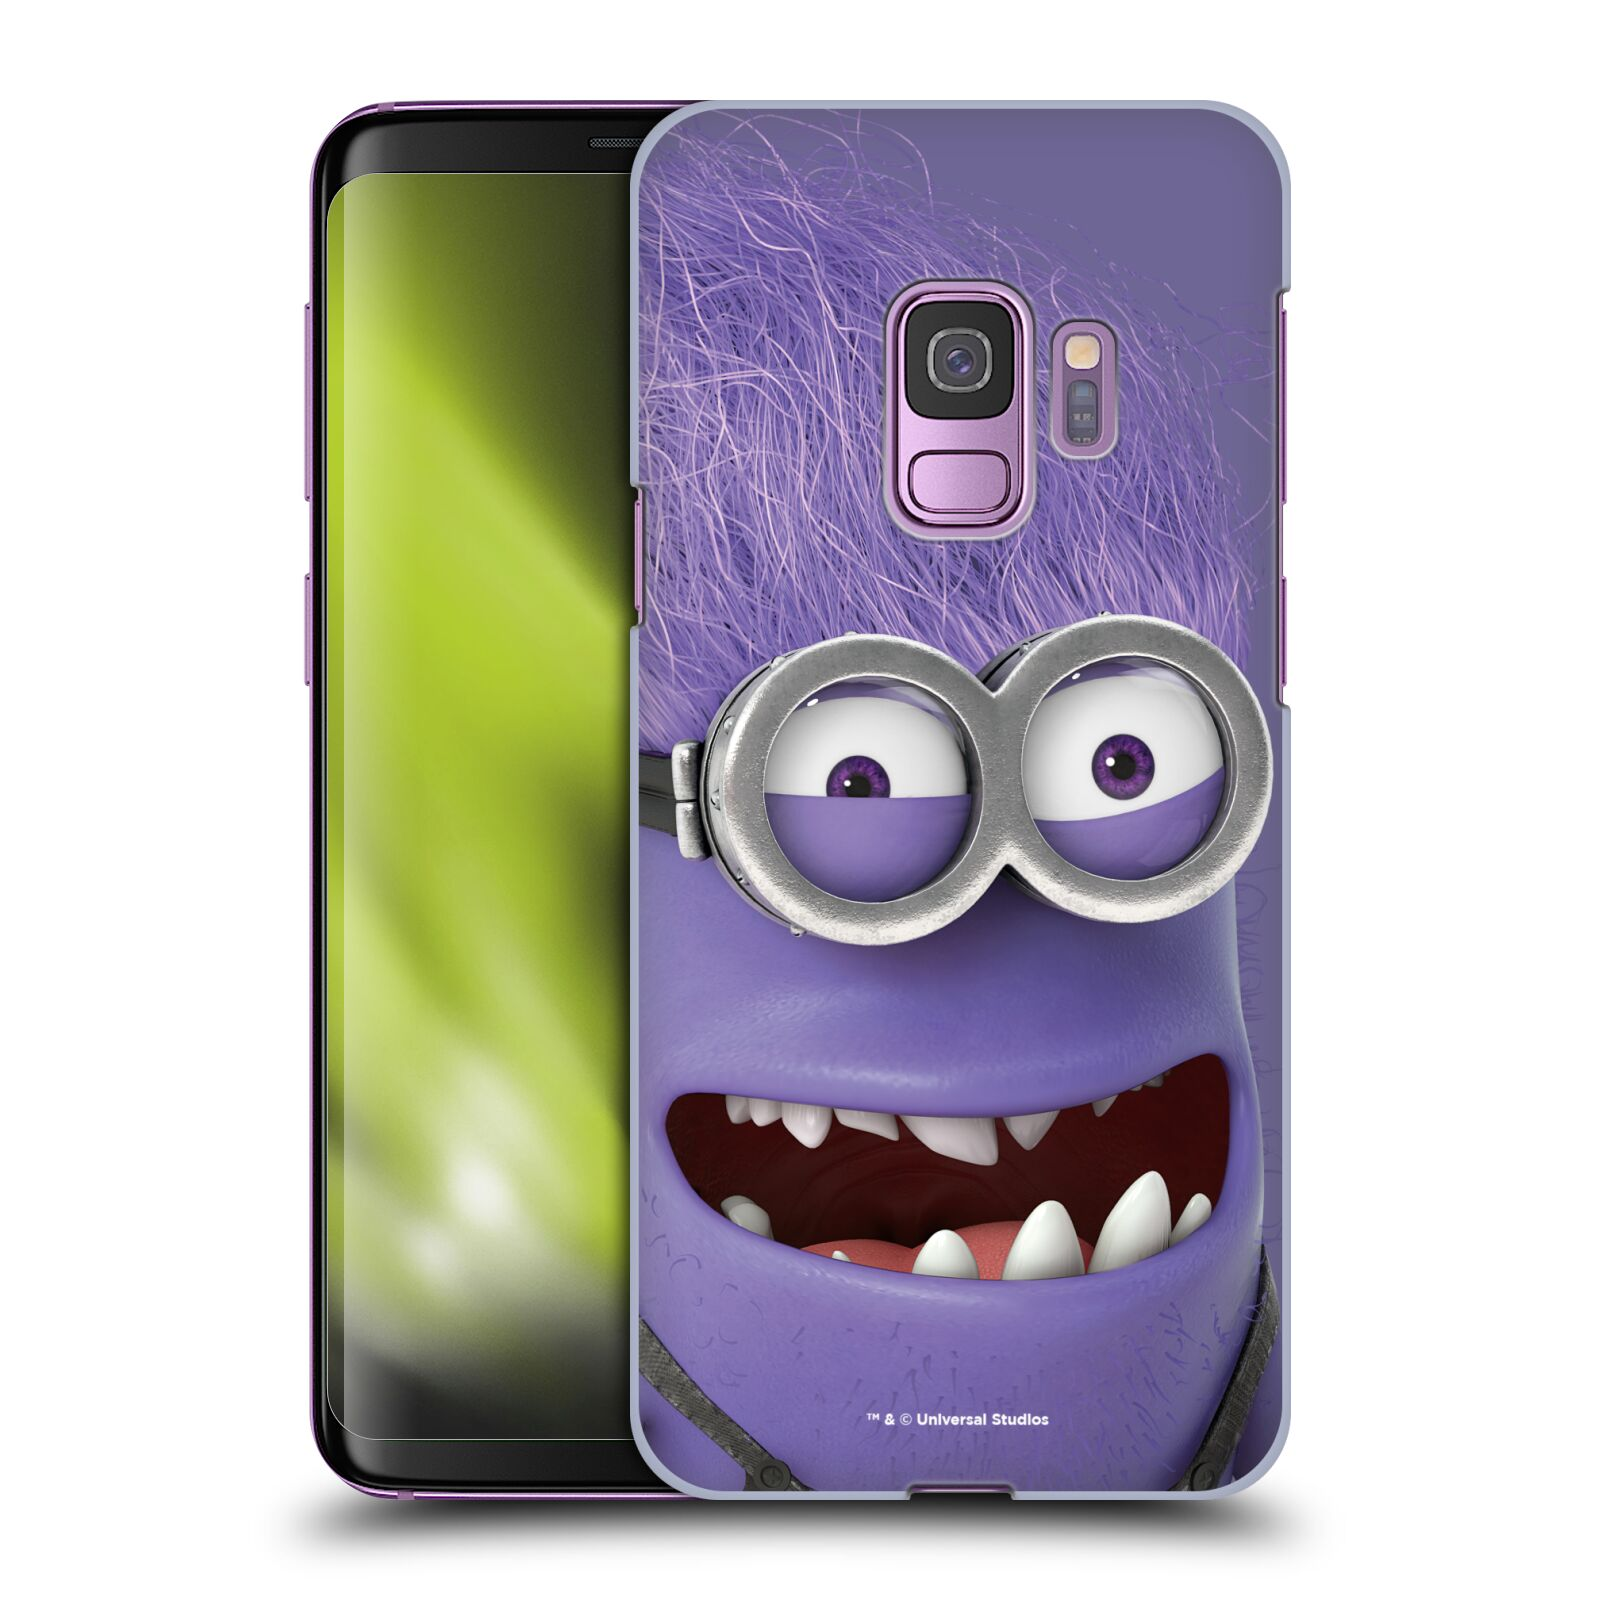 Plastové pouzdro na mobil Samsung Galaxy S9 - Head Case - Zlý Mimoň z filmu Já, padouch - Despicable Me